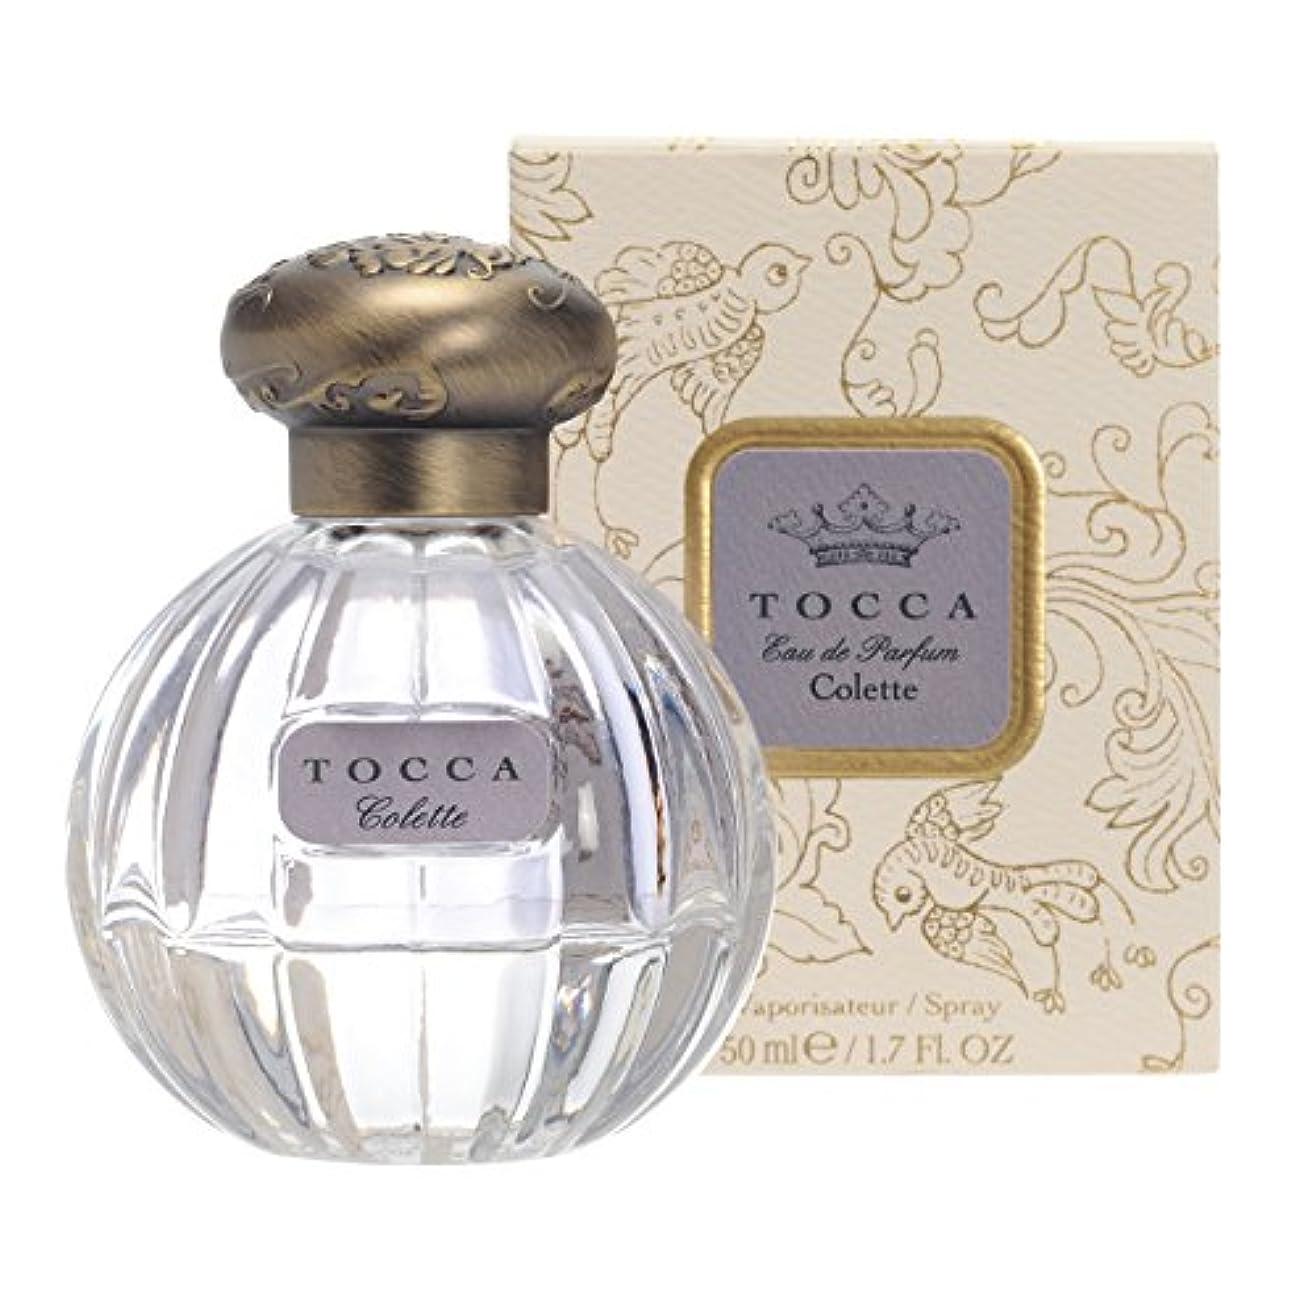 包帯氏隔離するトッカ(TOCCA) オードパルファム コレットの香り 50ml(香水 ベルガモットとジュニパーが絡み合う甘くスパイシーな香り)